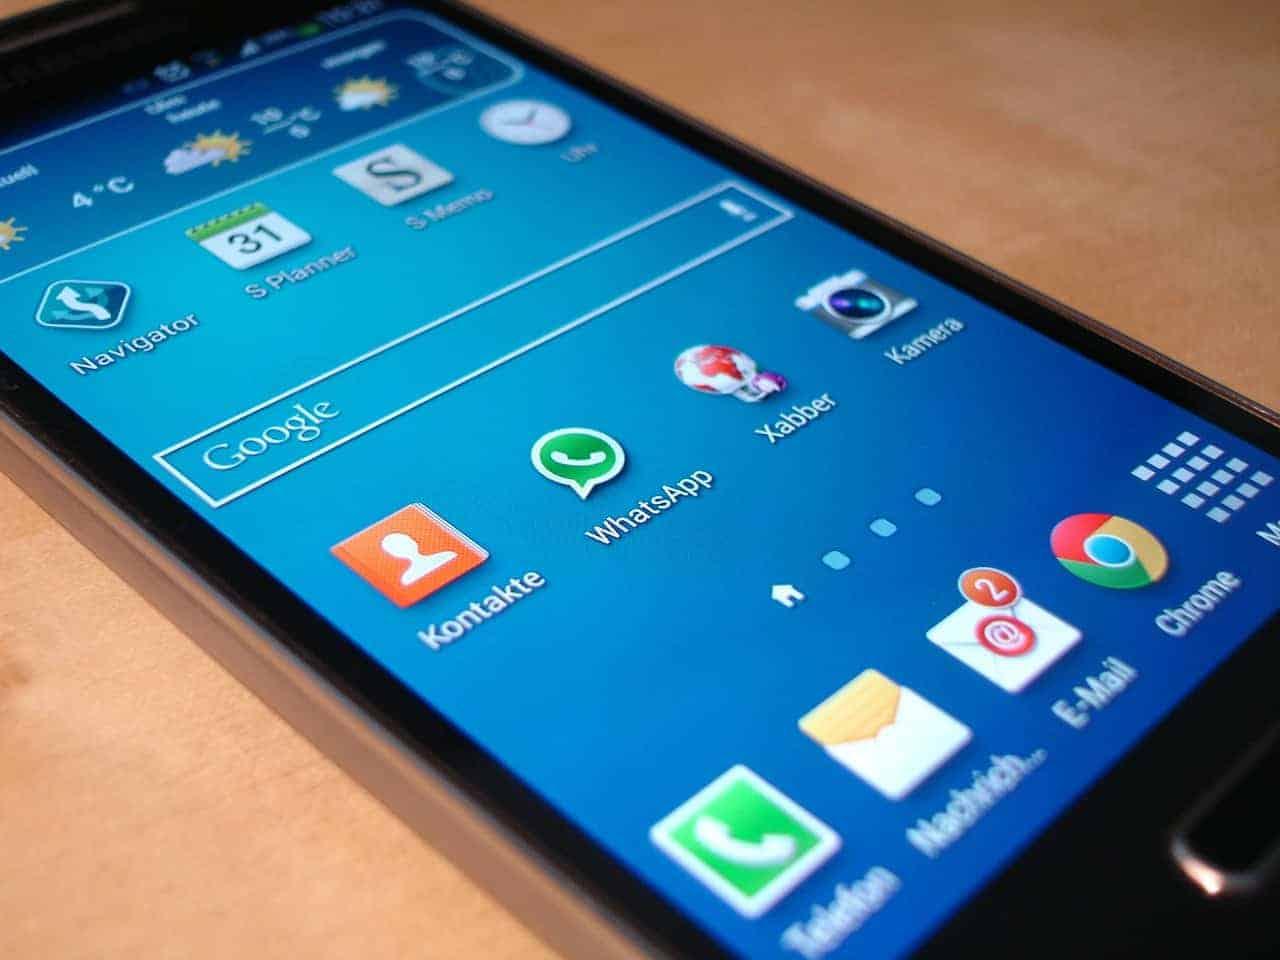 Επαναφορά κωδικού σε Smartphone συσκευή Samsung